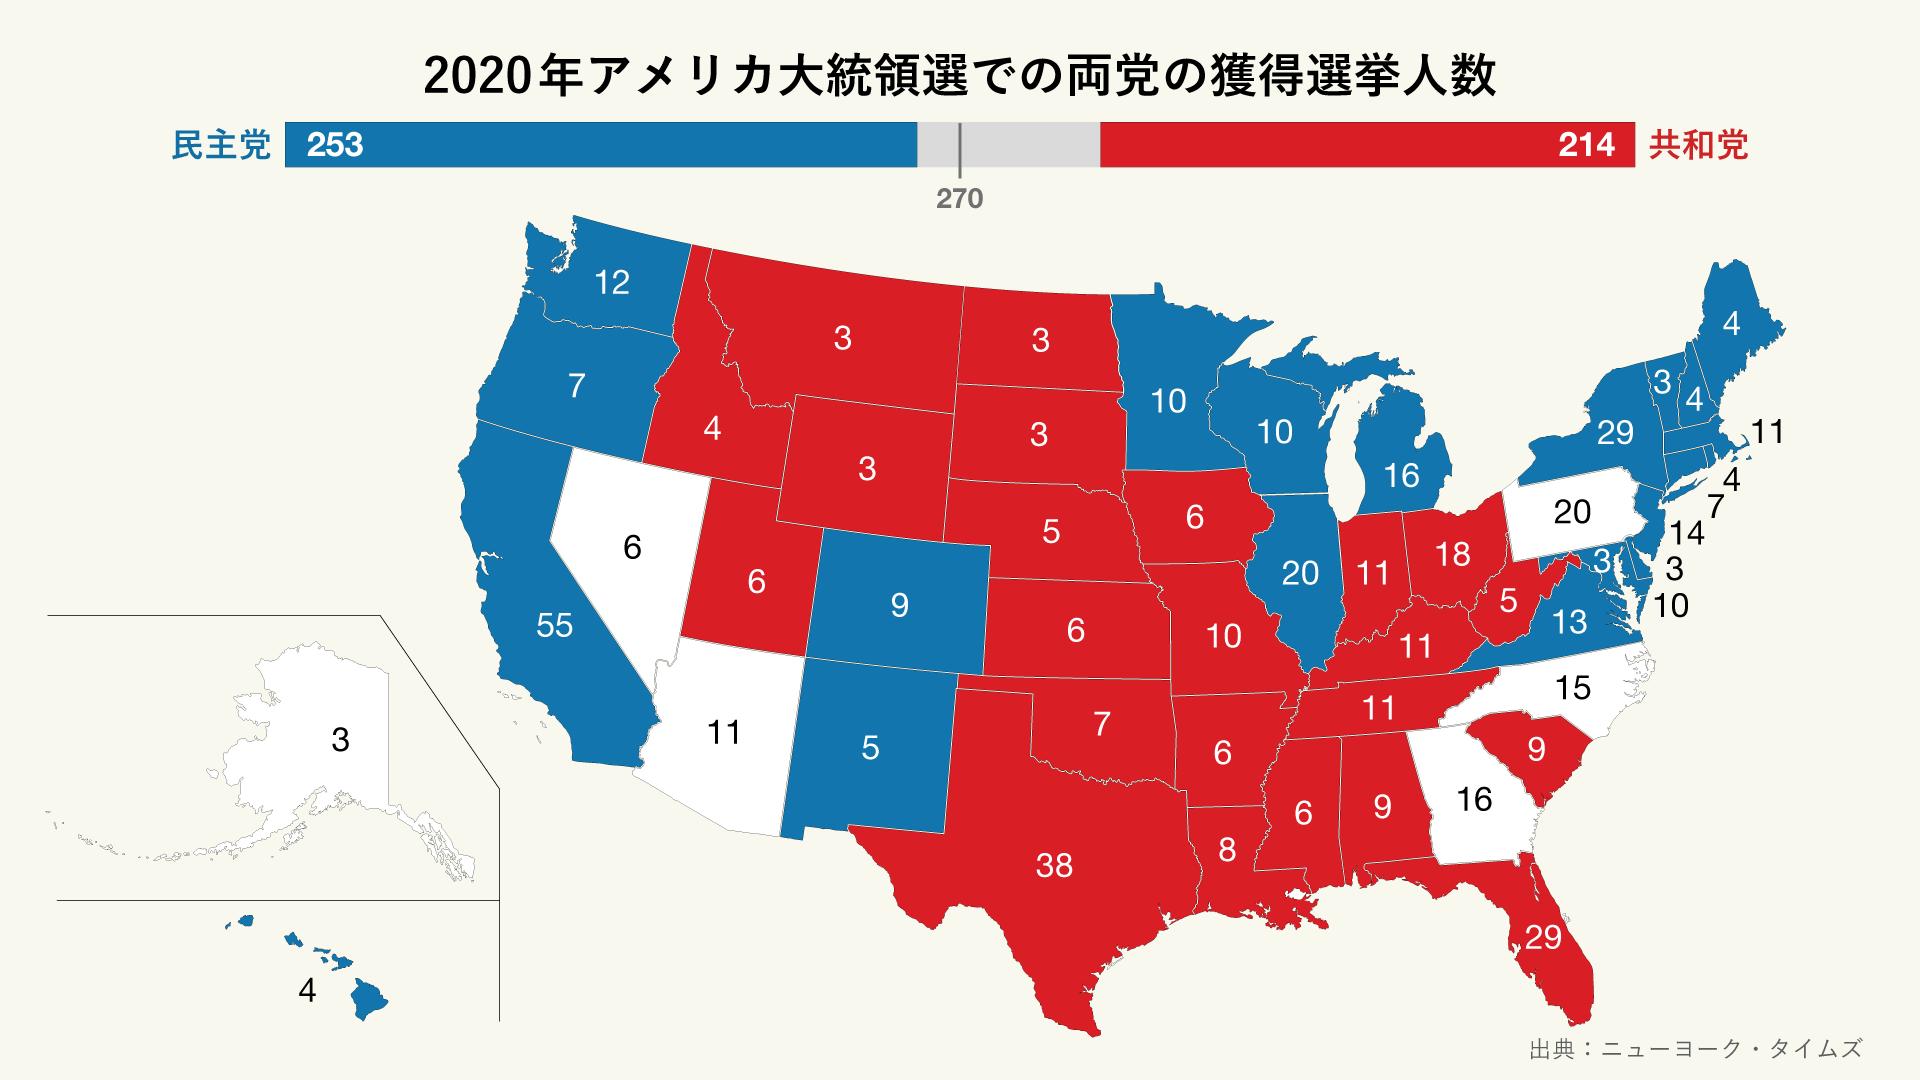 2020年アメリカ大統領選での両党の獲得選挙人数